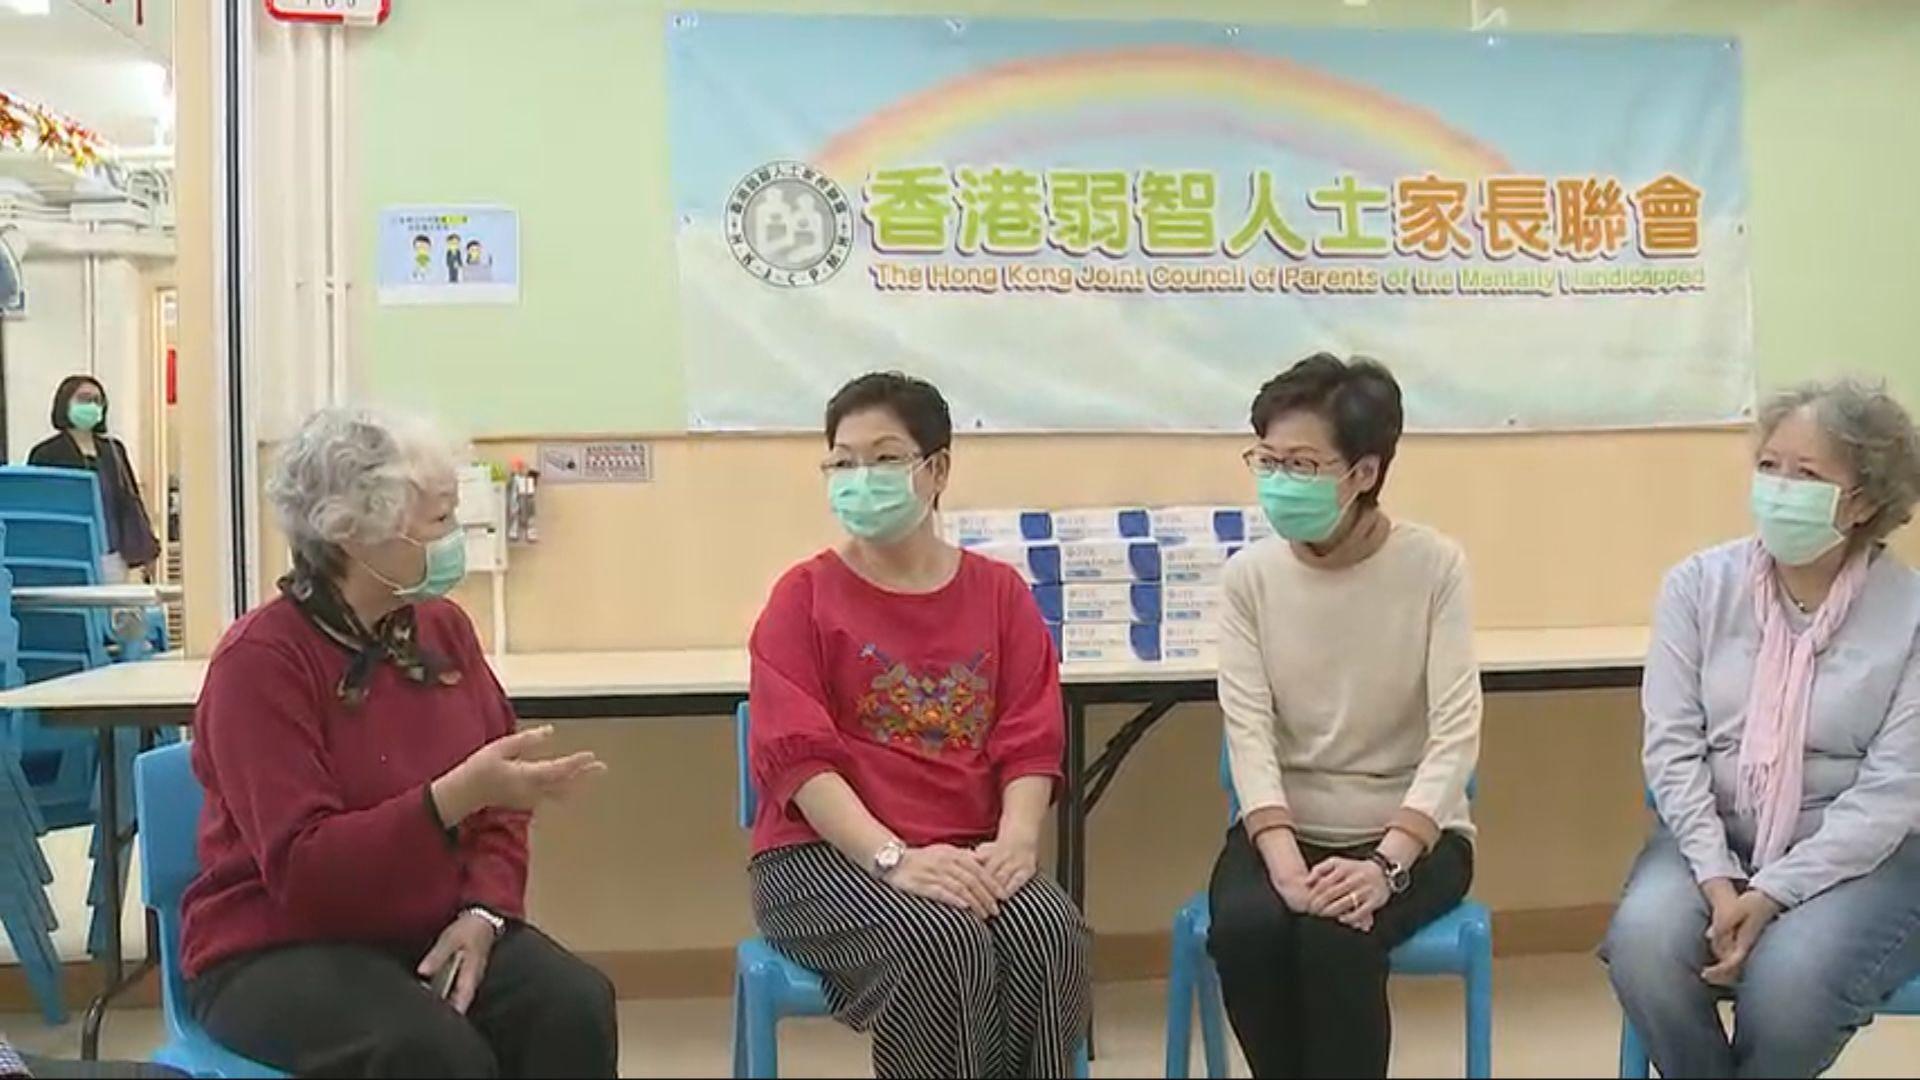 林鄭月娥探訪殘疾人士自助組織